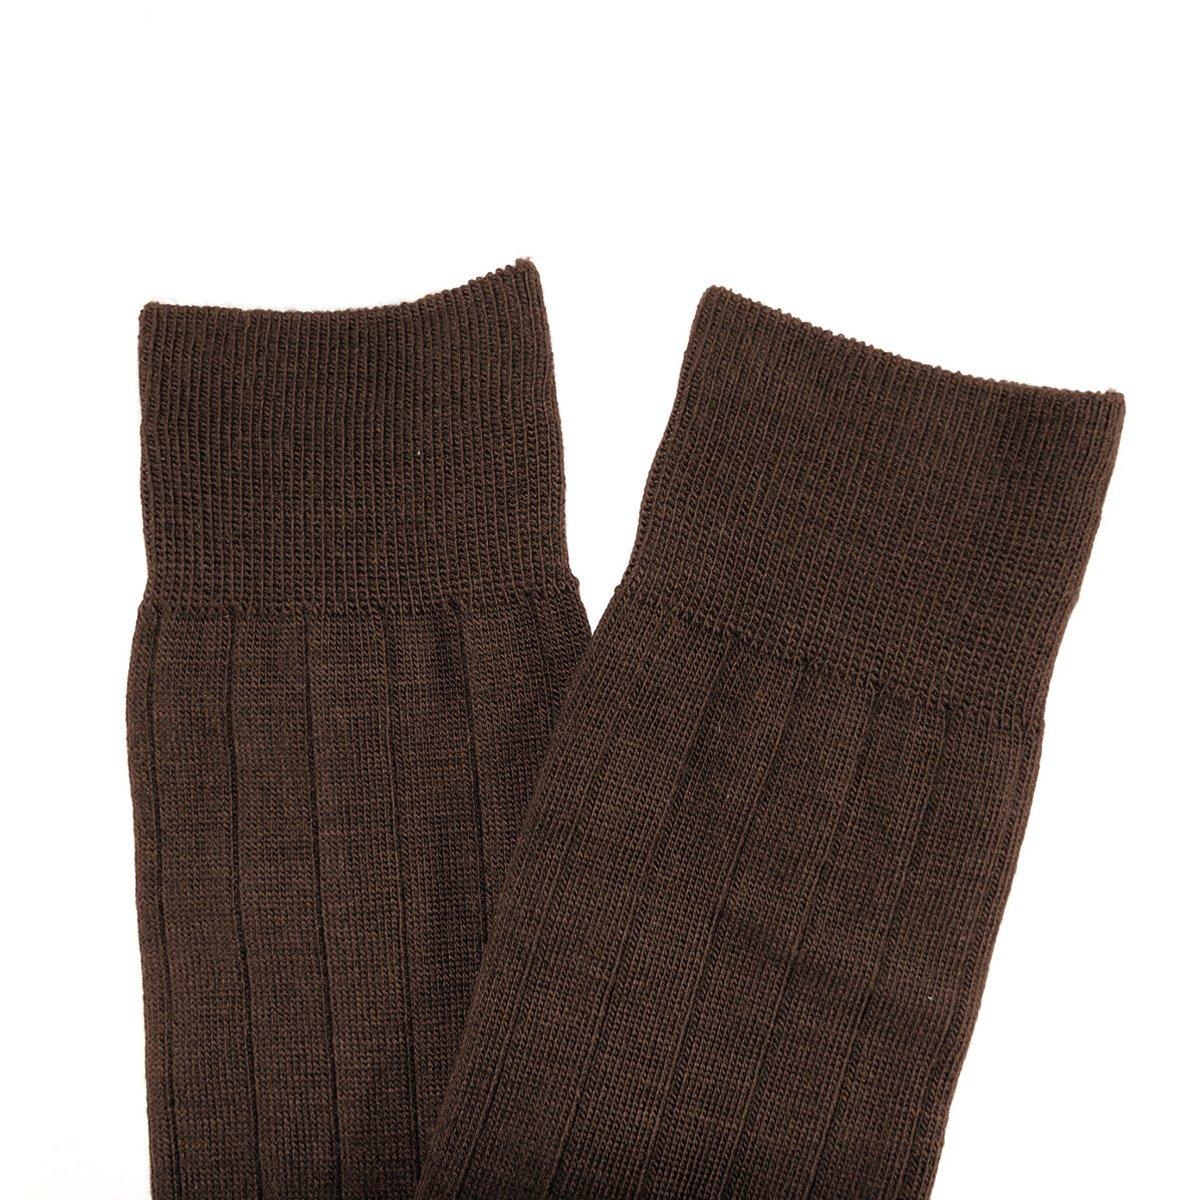 Minus33 Merino Wool Urban Dress Sock